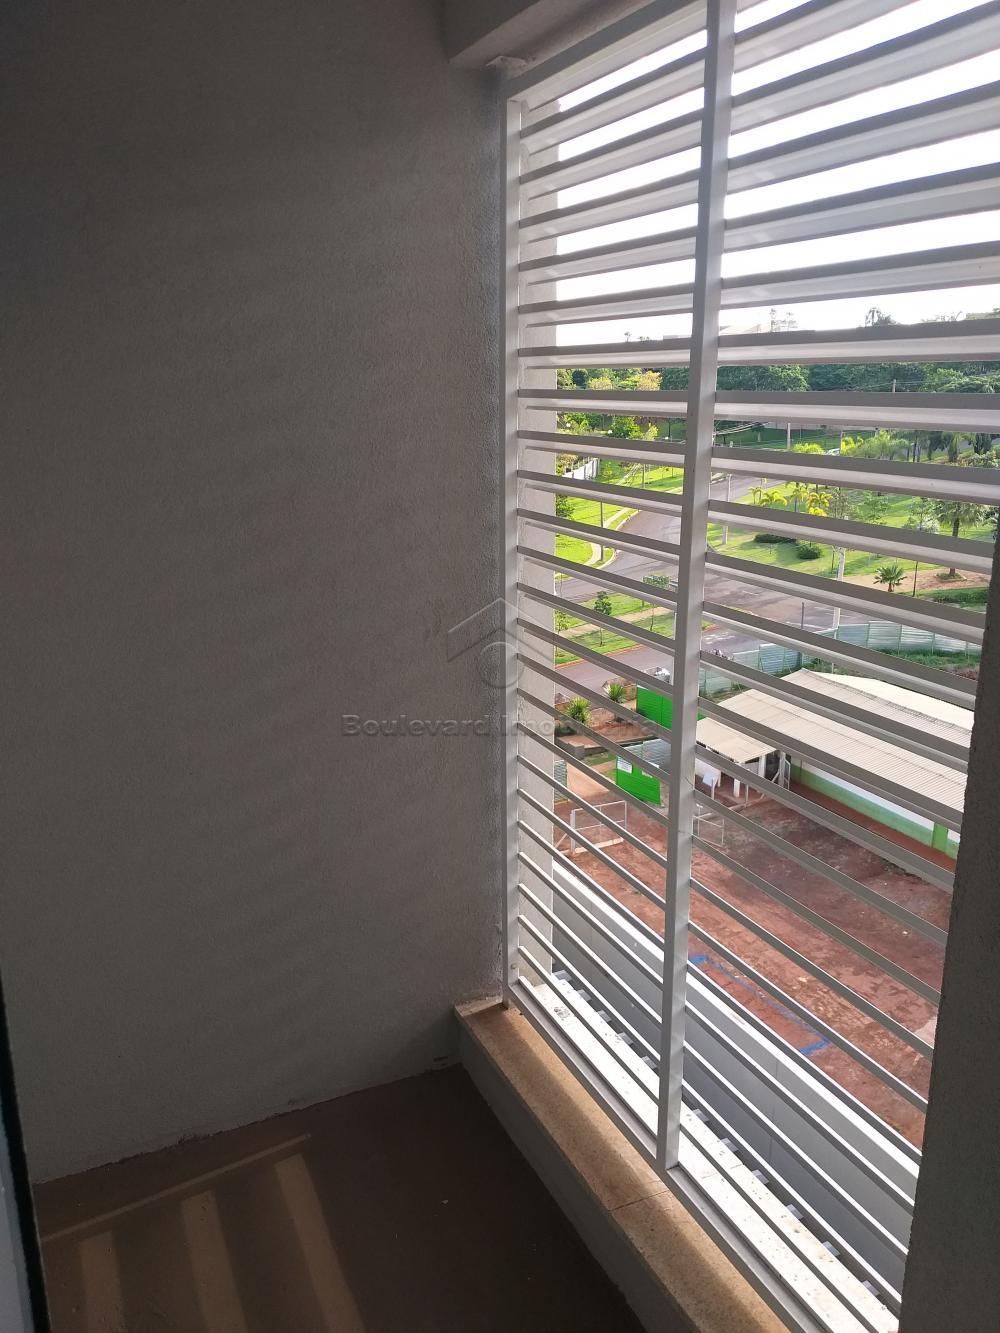 Comprar Apartamento / Padrão em Ribeirão Preto R$ 750.000,00 - Foto 16